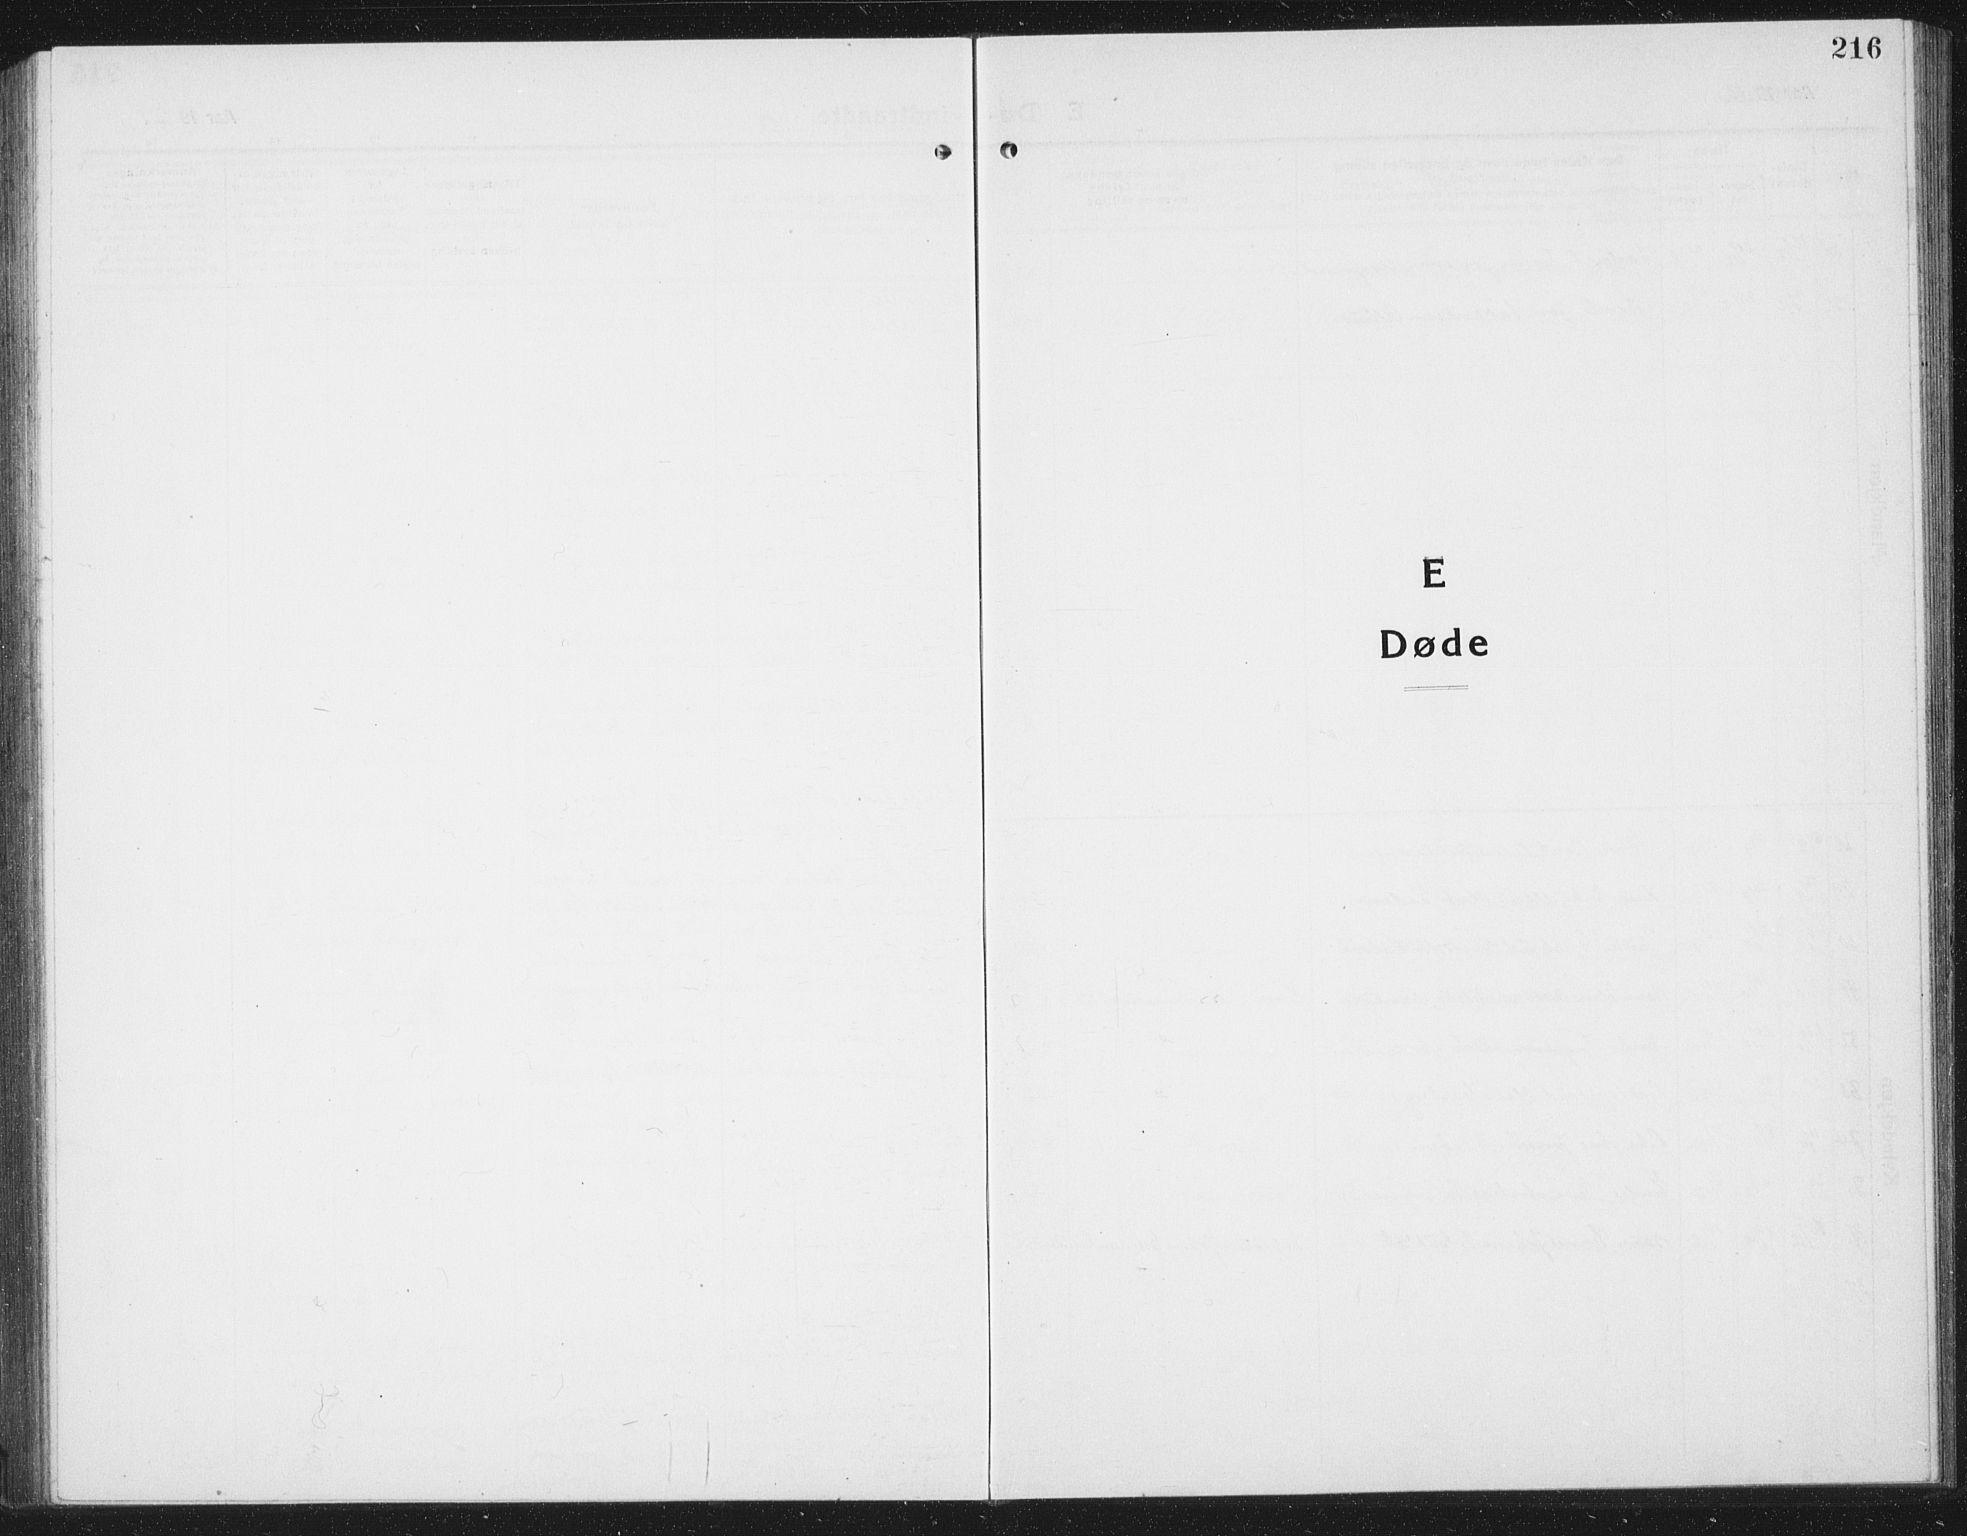 SAT, Ministerialprotokoller, klokkerbøker og fødselsregistre - Sør-Trøndelag, 695/L1158: Klokkerbok nr. 695C09, 1913-1940, s. 216